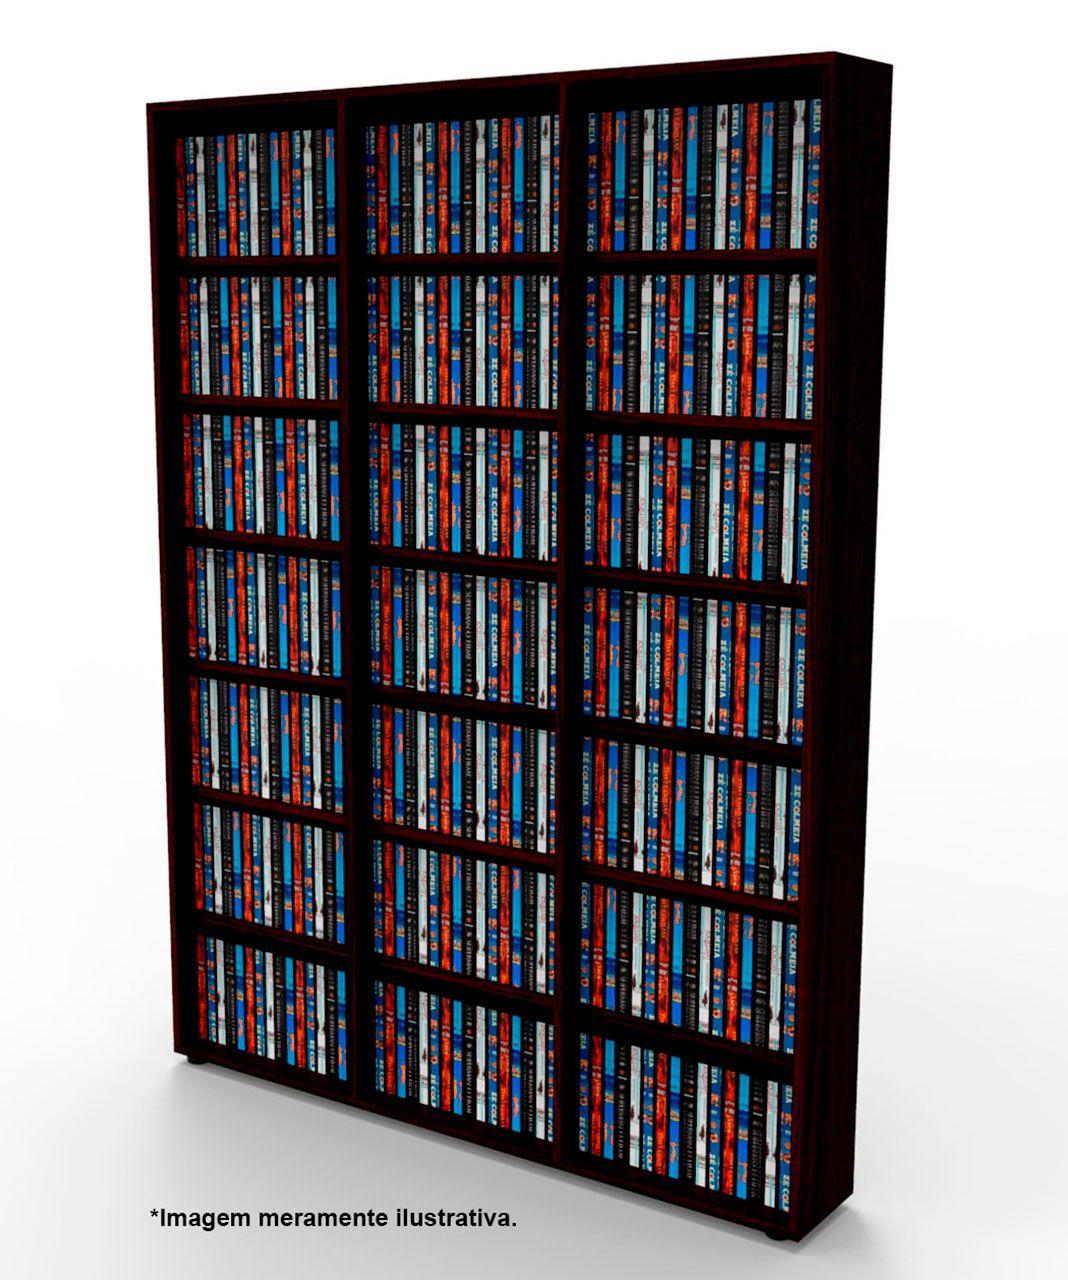 Estante para DVD Blu-ray 525 discos ou para gibis tabaco DV03TB Bürohaus